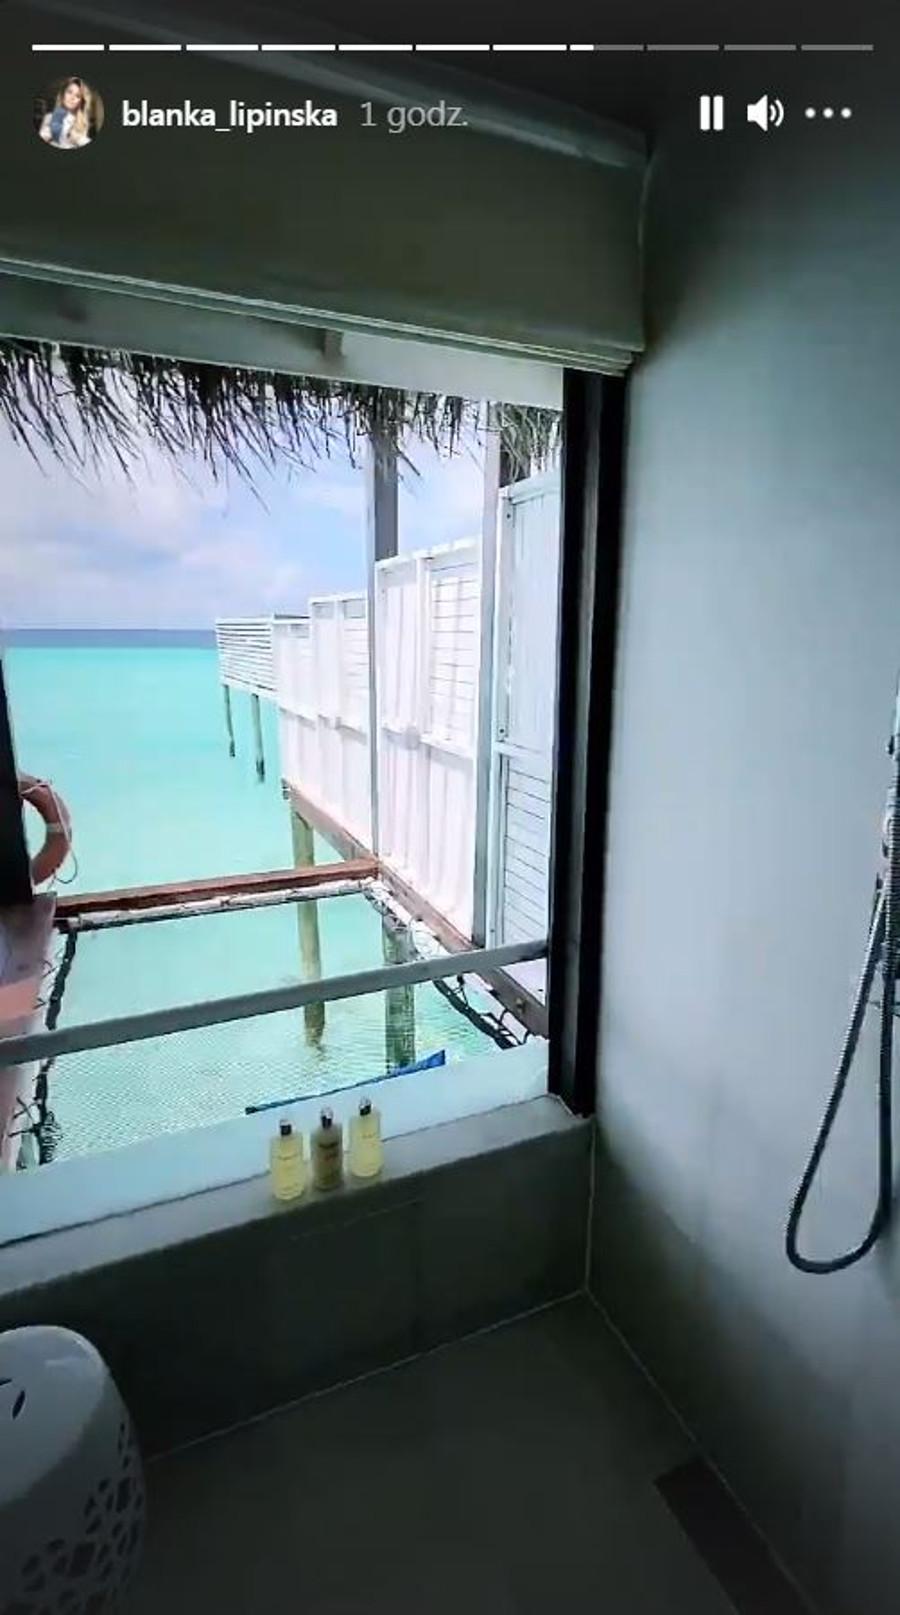 Lipińska pochwaliła się apartamentem na Malediwach.